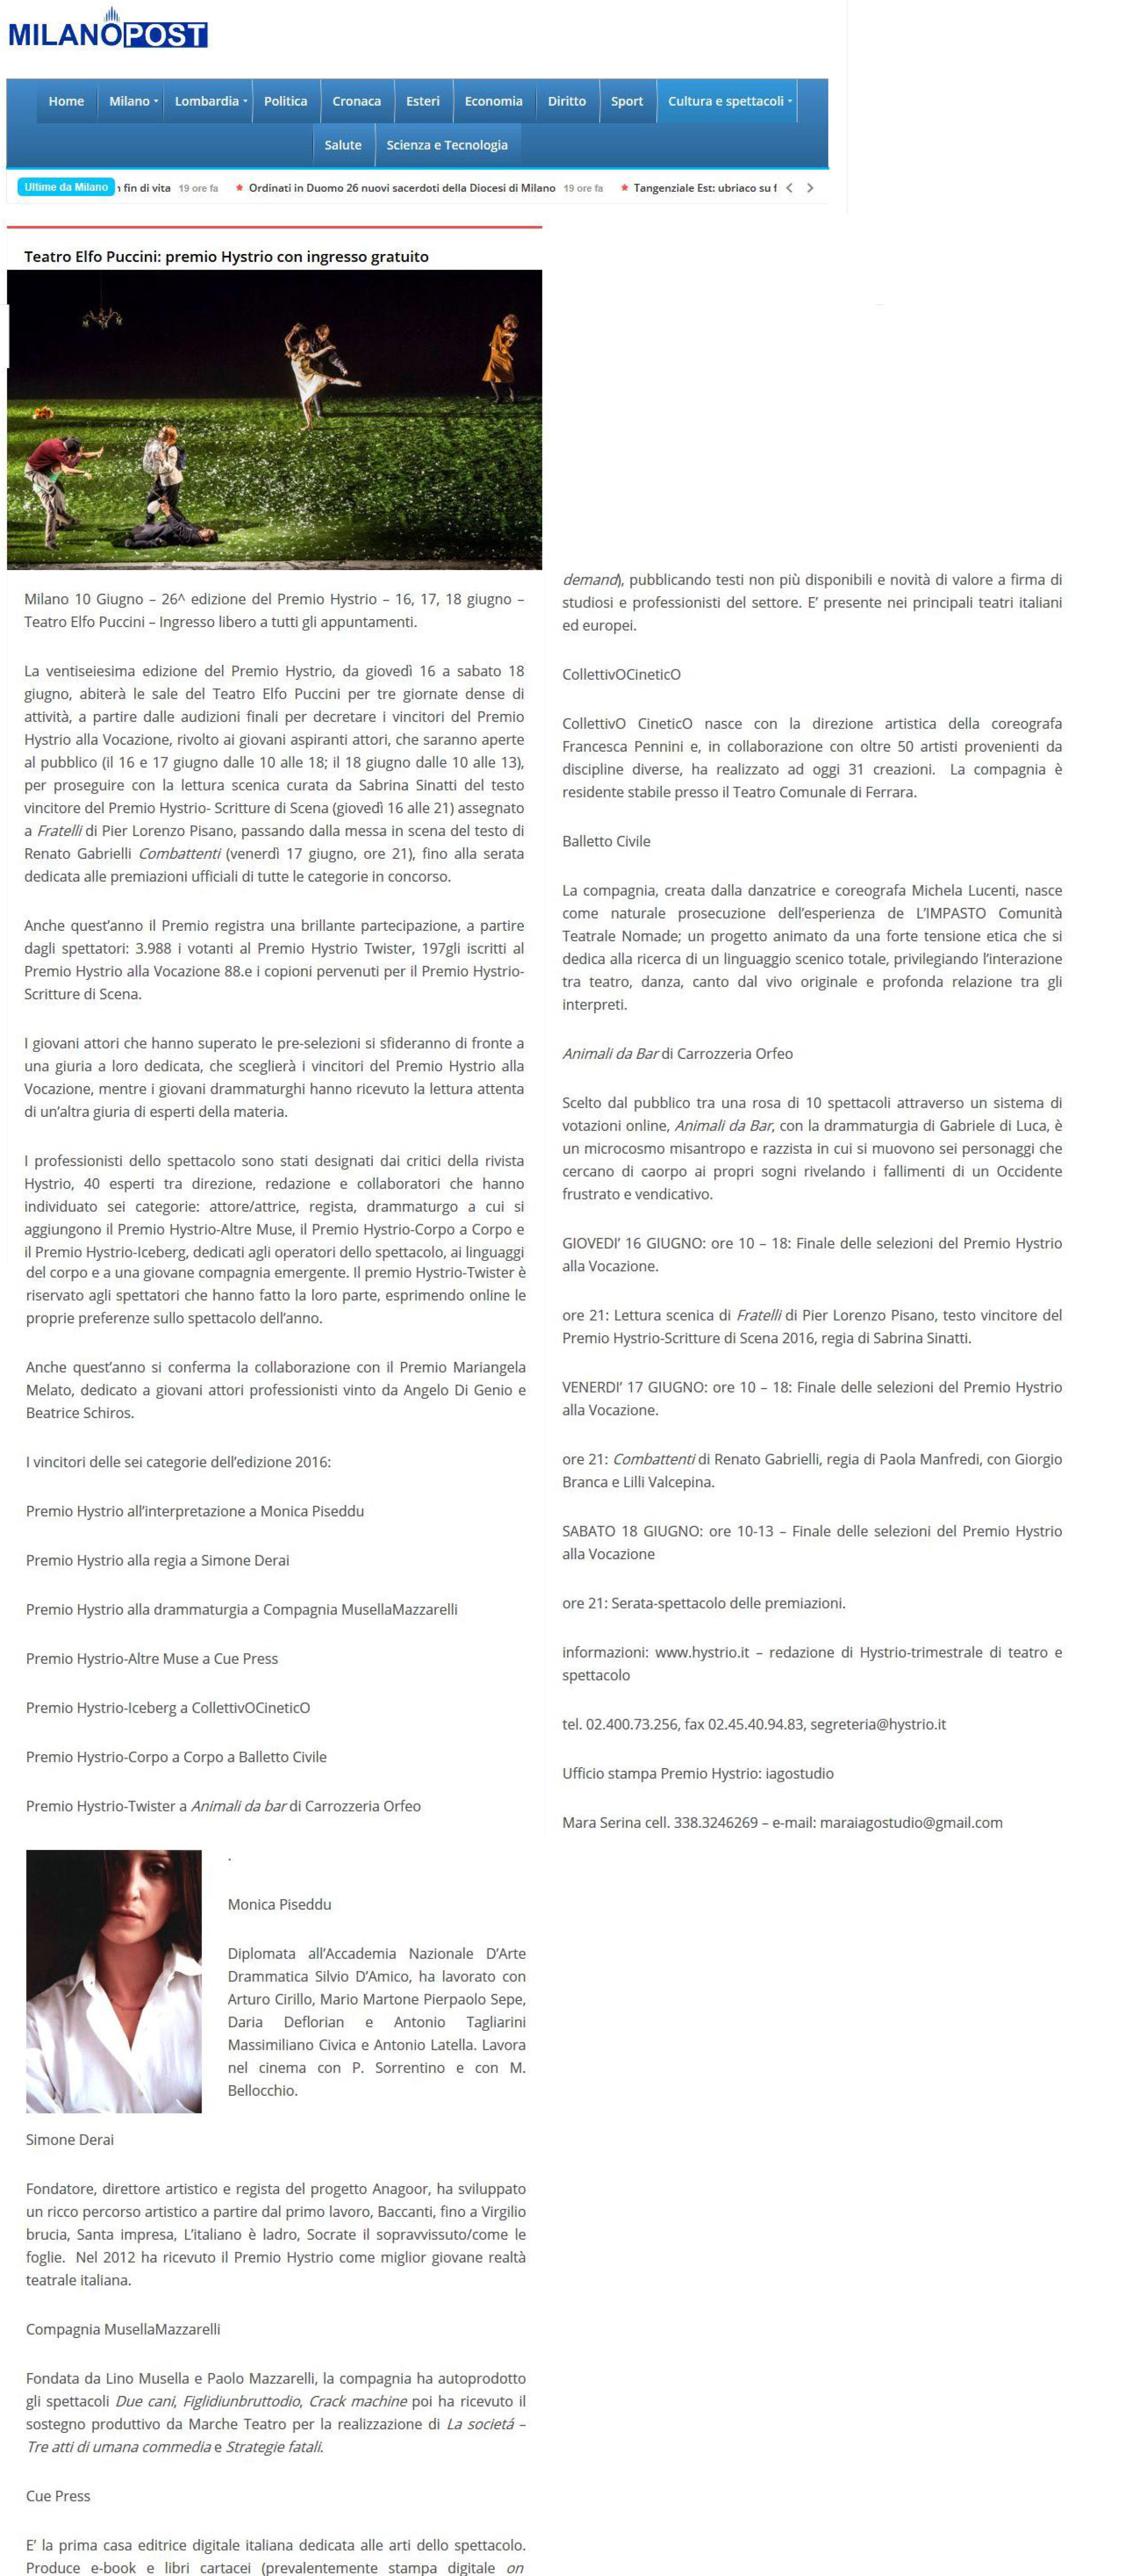 20160610_Teatro-Elfo-Puccini--premio-Hystrio-con-ingresso-gratuito_milano-post-1